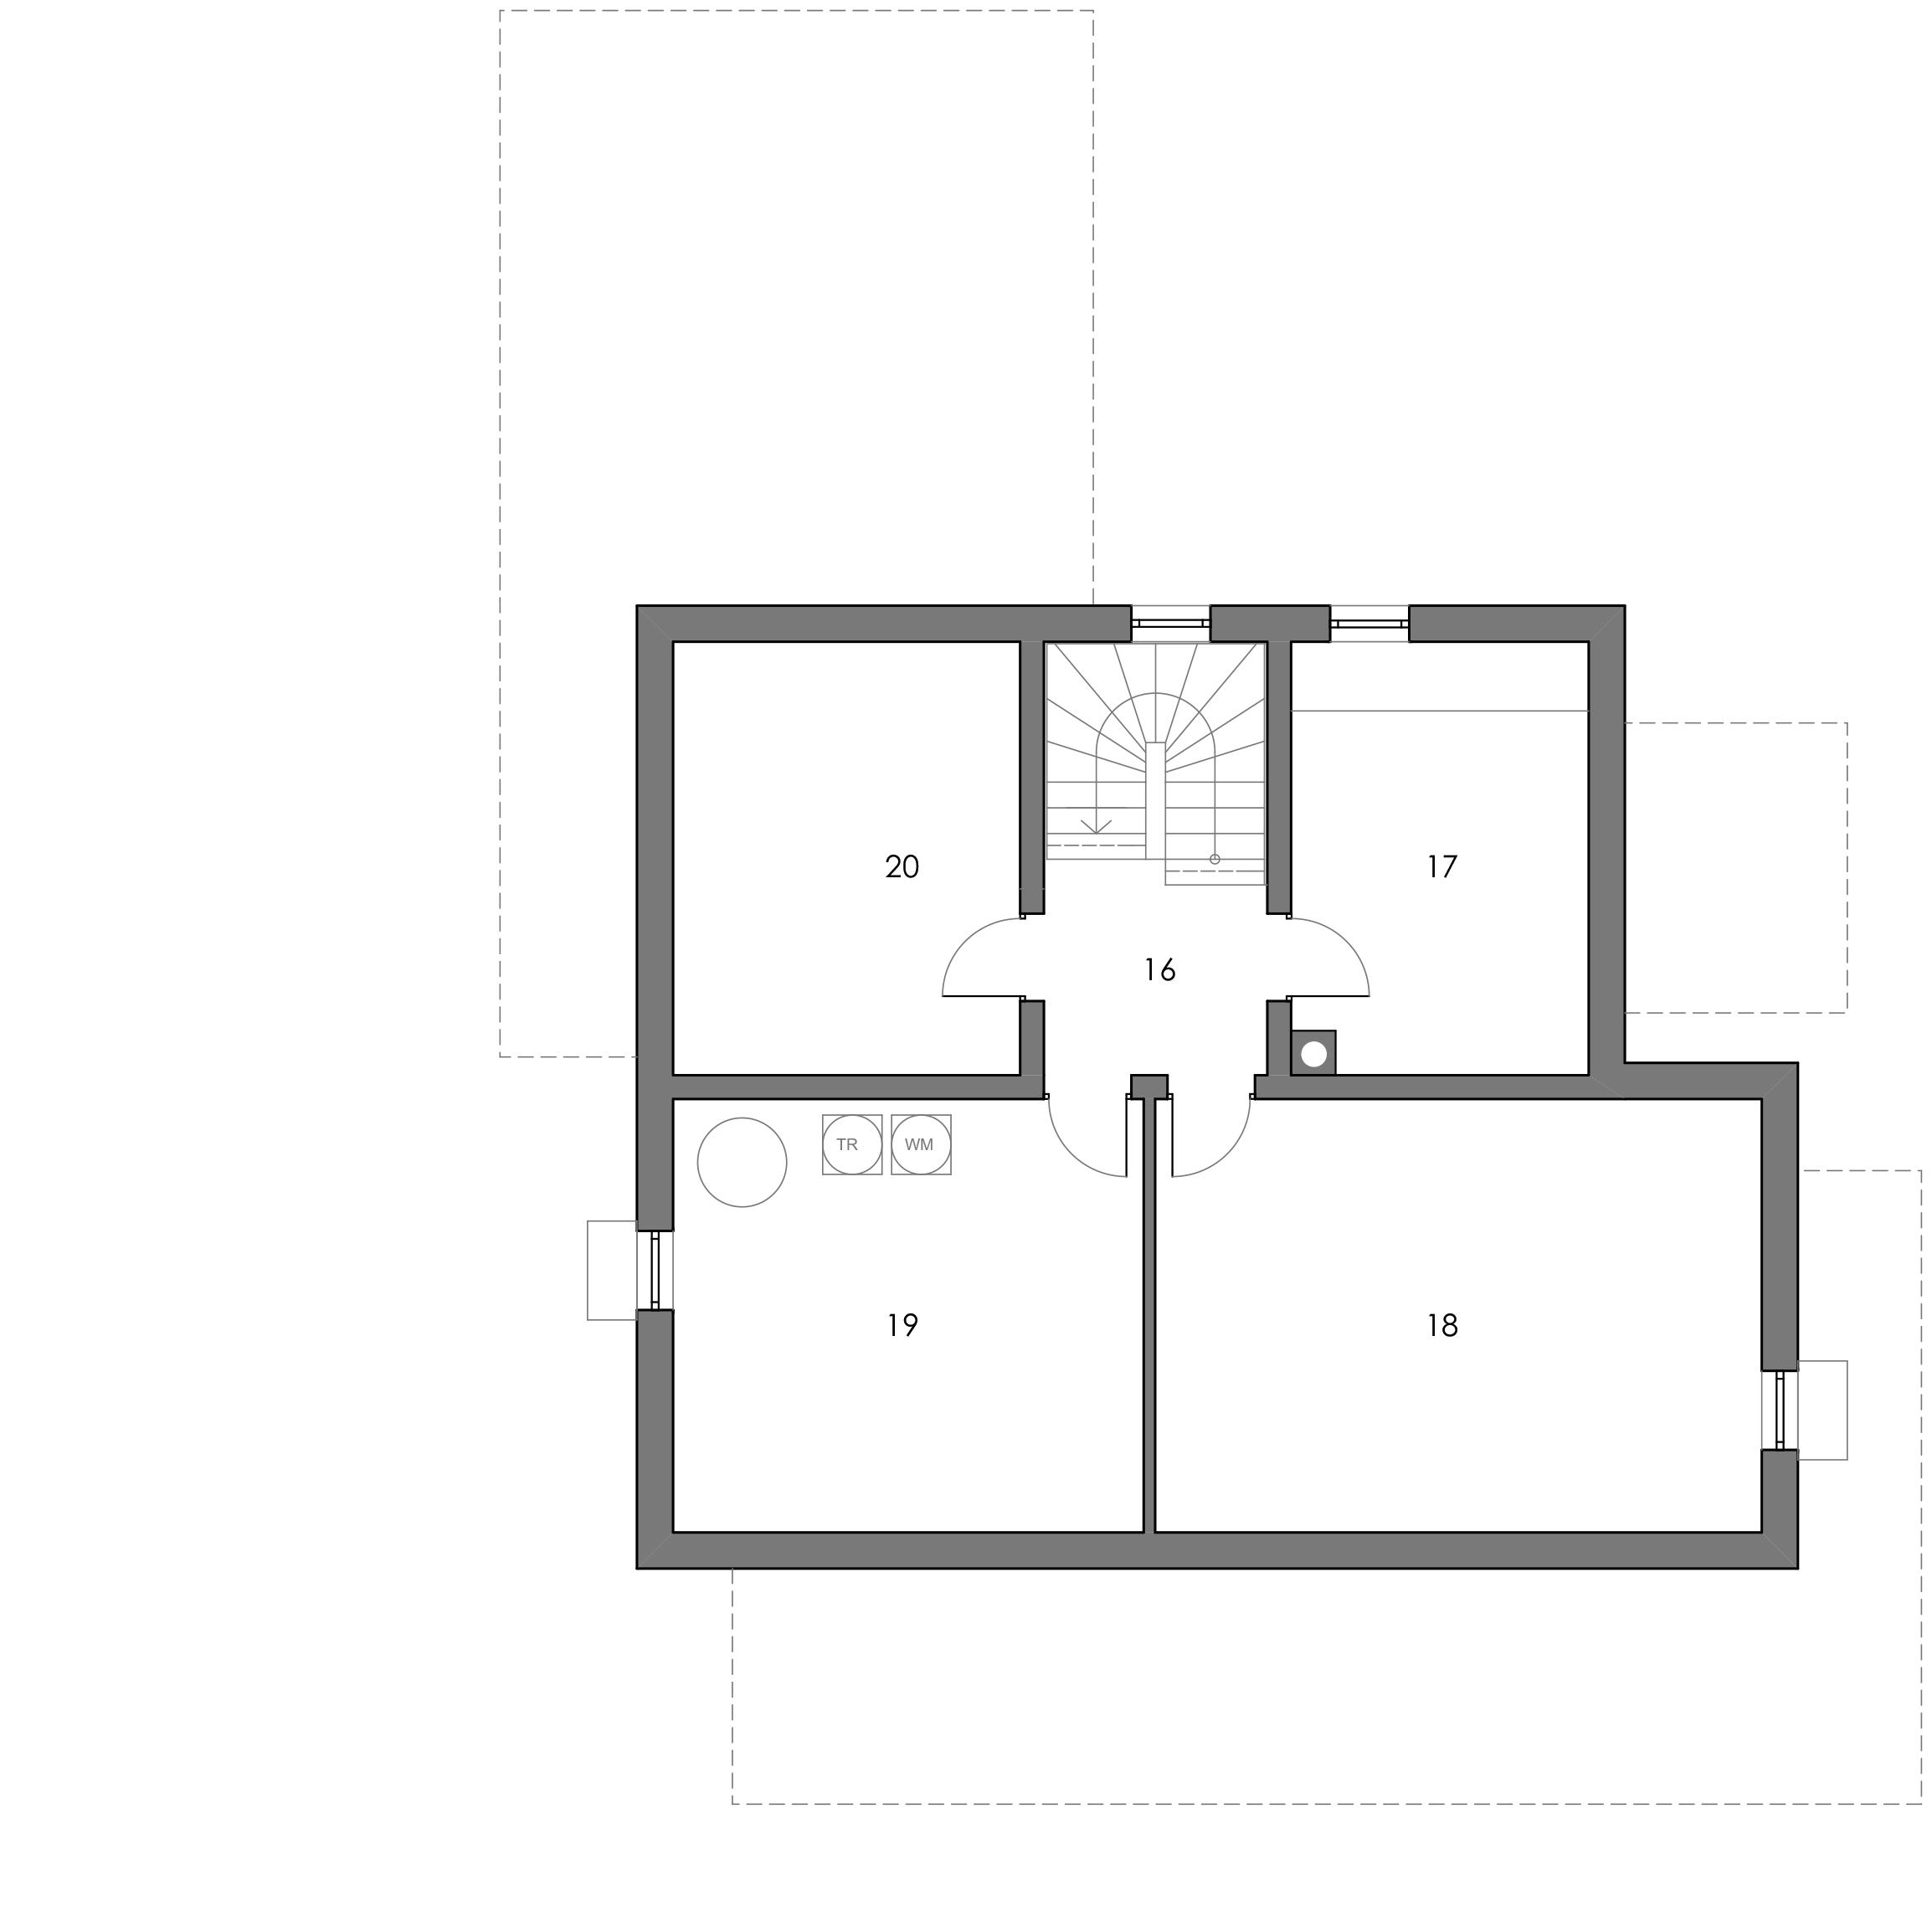 Grundriss, Kellergeschoss, Toskana 155